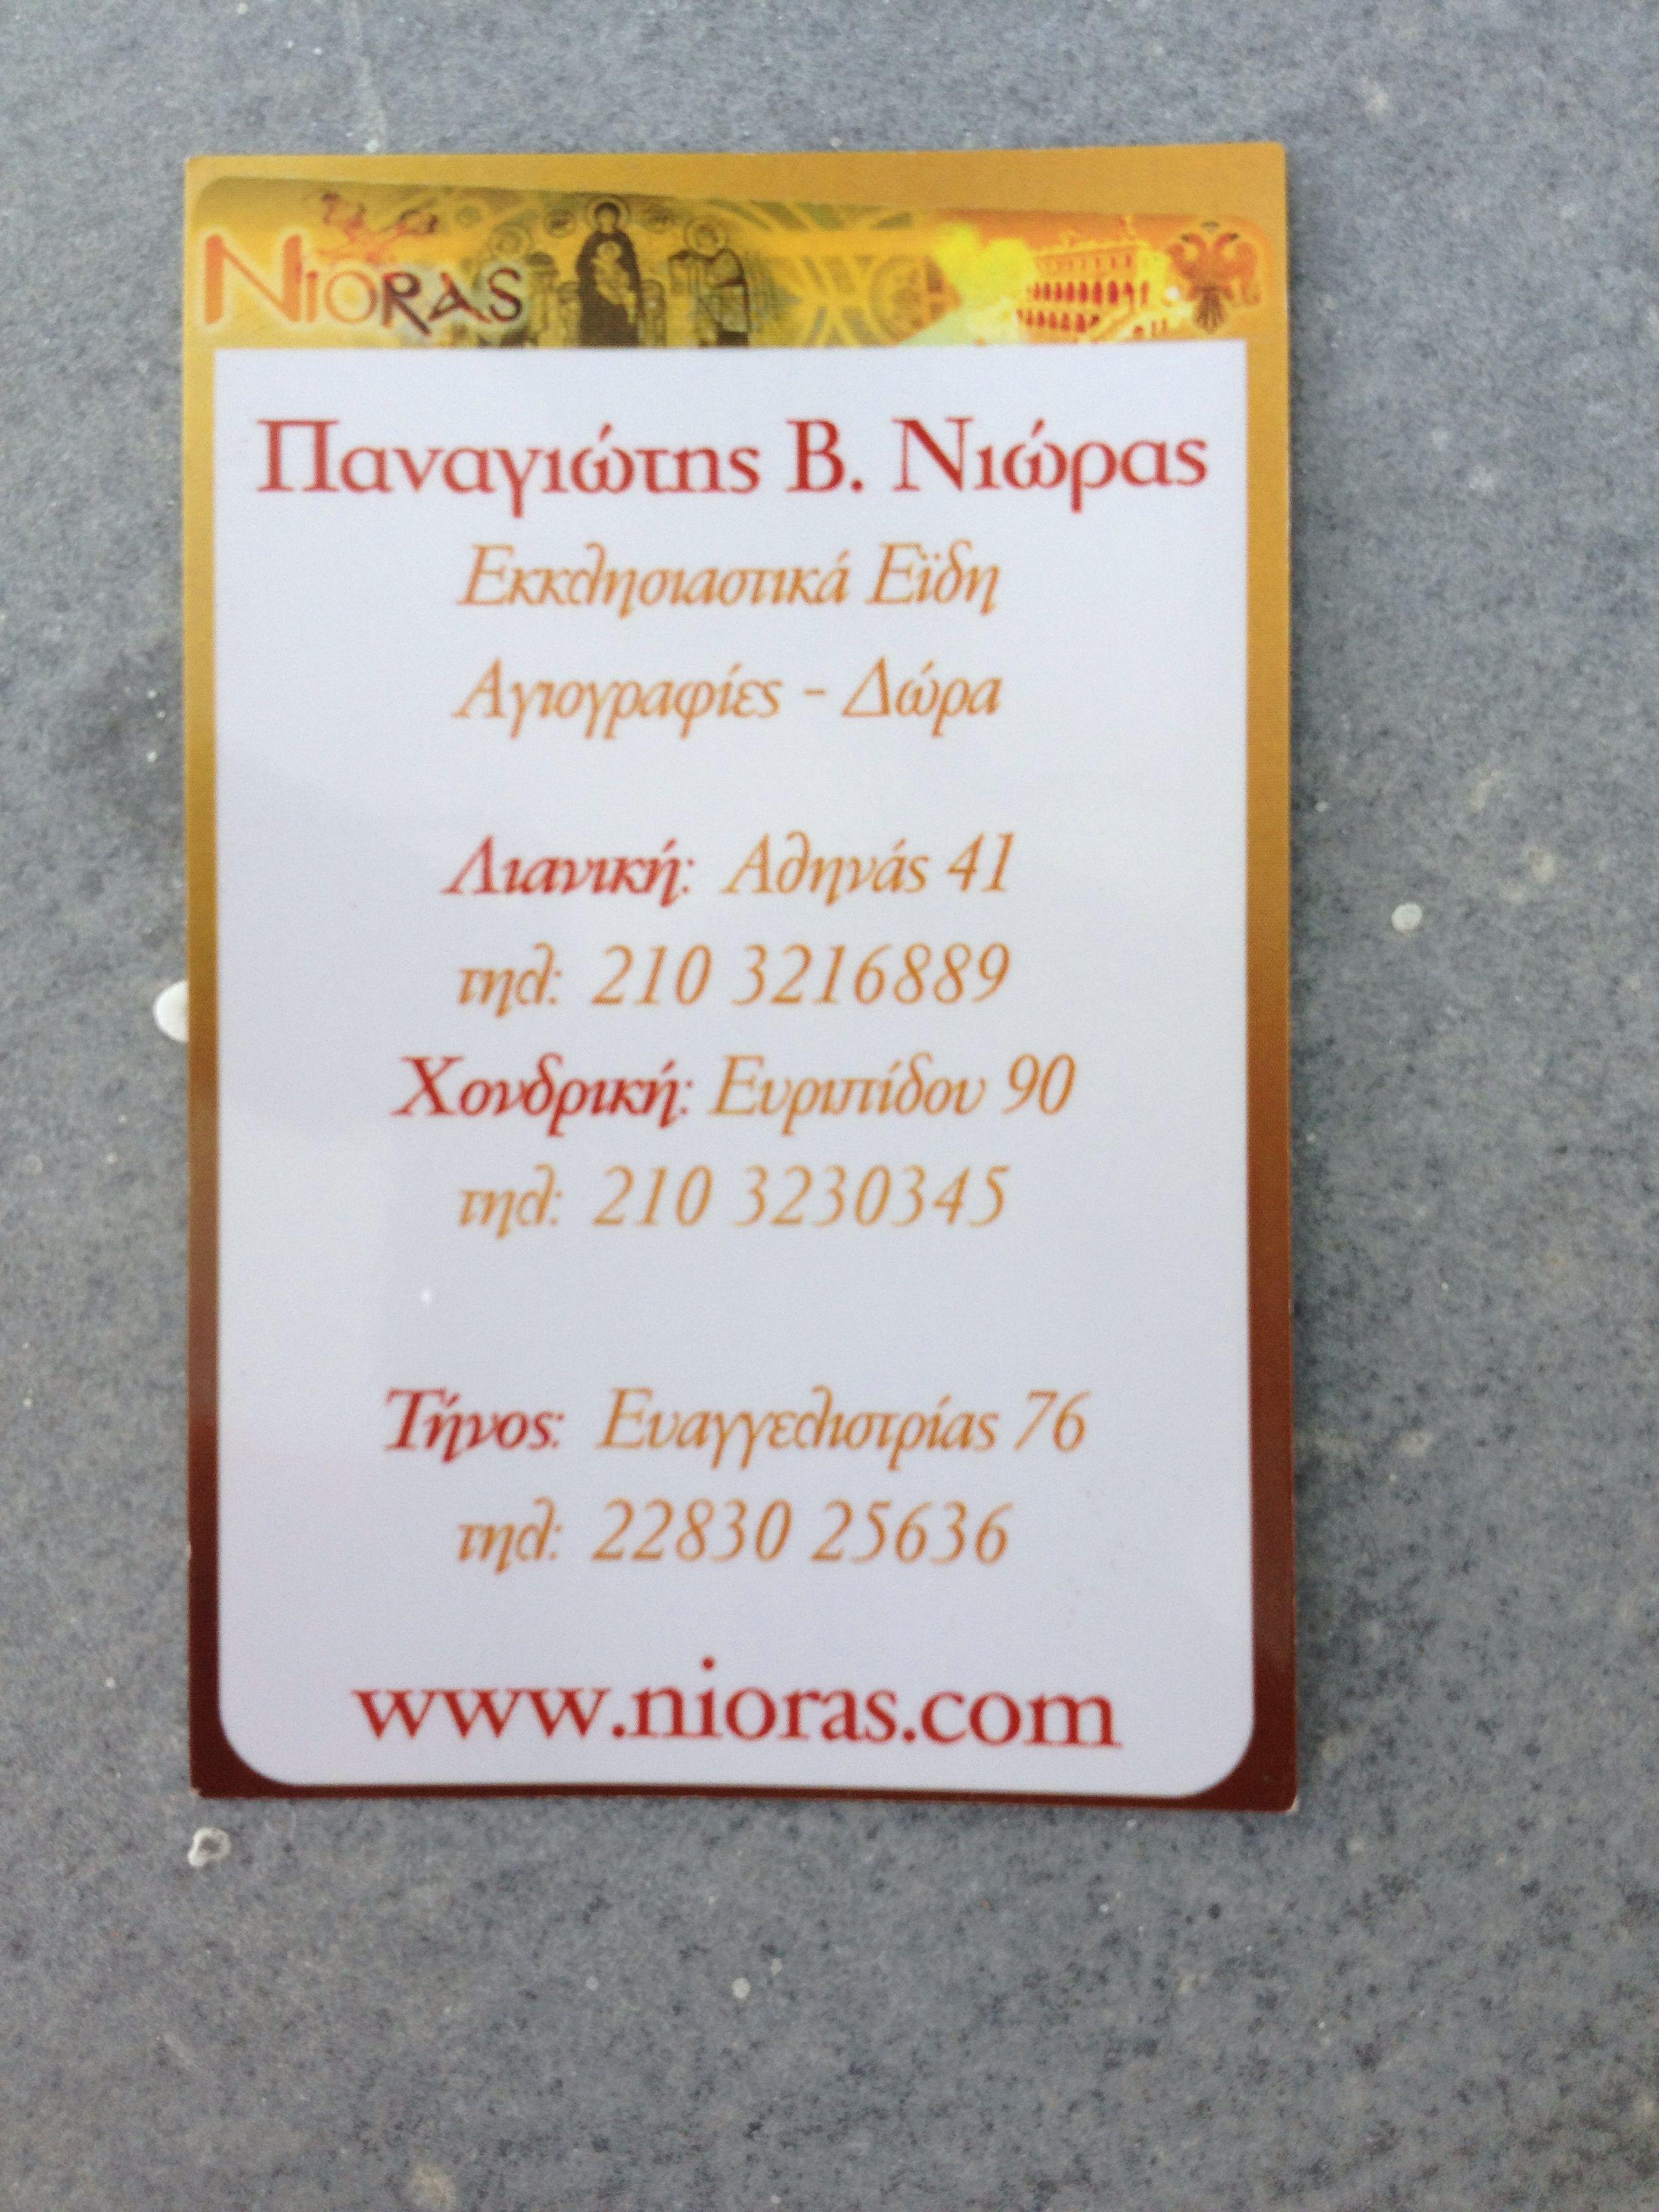 Our Business Card back side - www.nioras.com   Athinas 41 - Athens ...